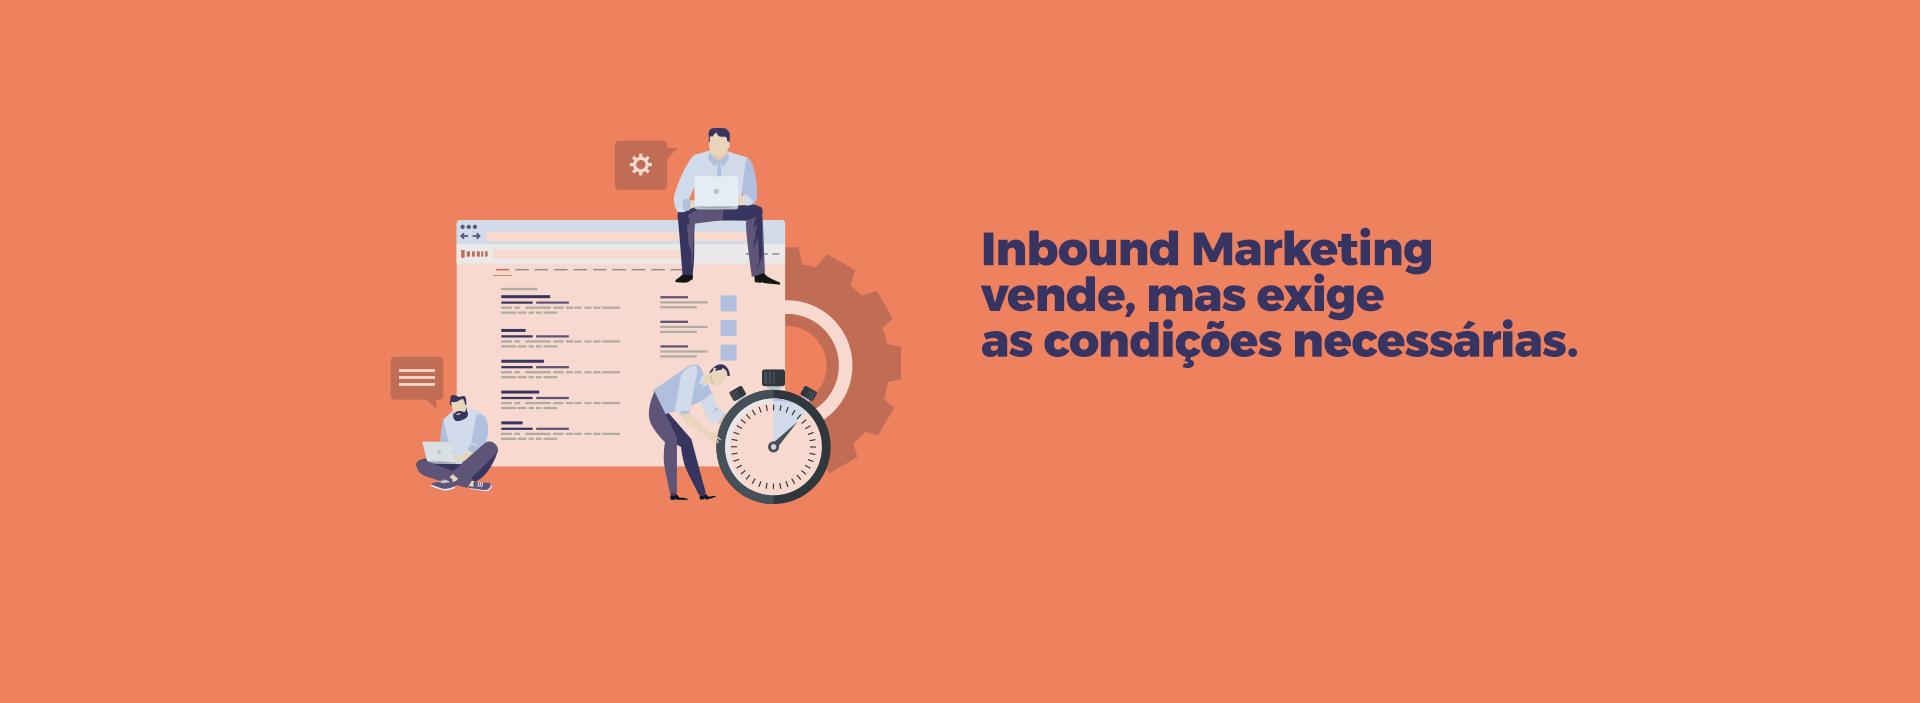 Inbound Marketing vende, mas exige as condições necessárias.